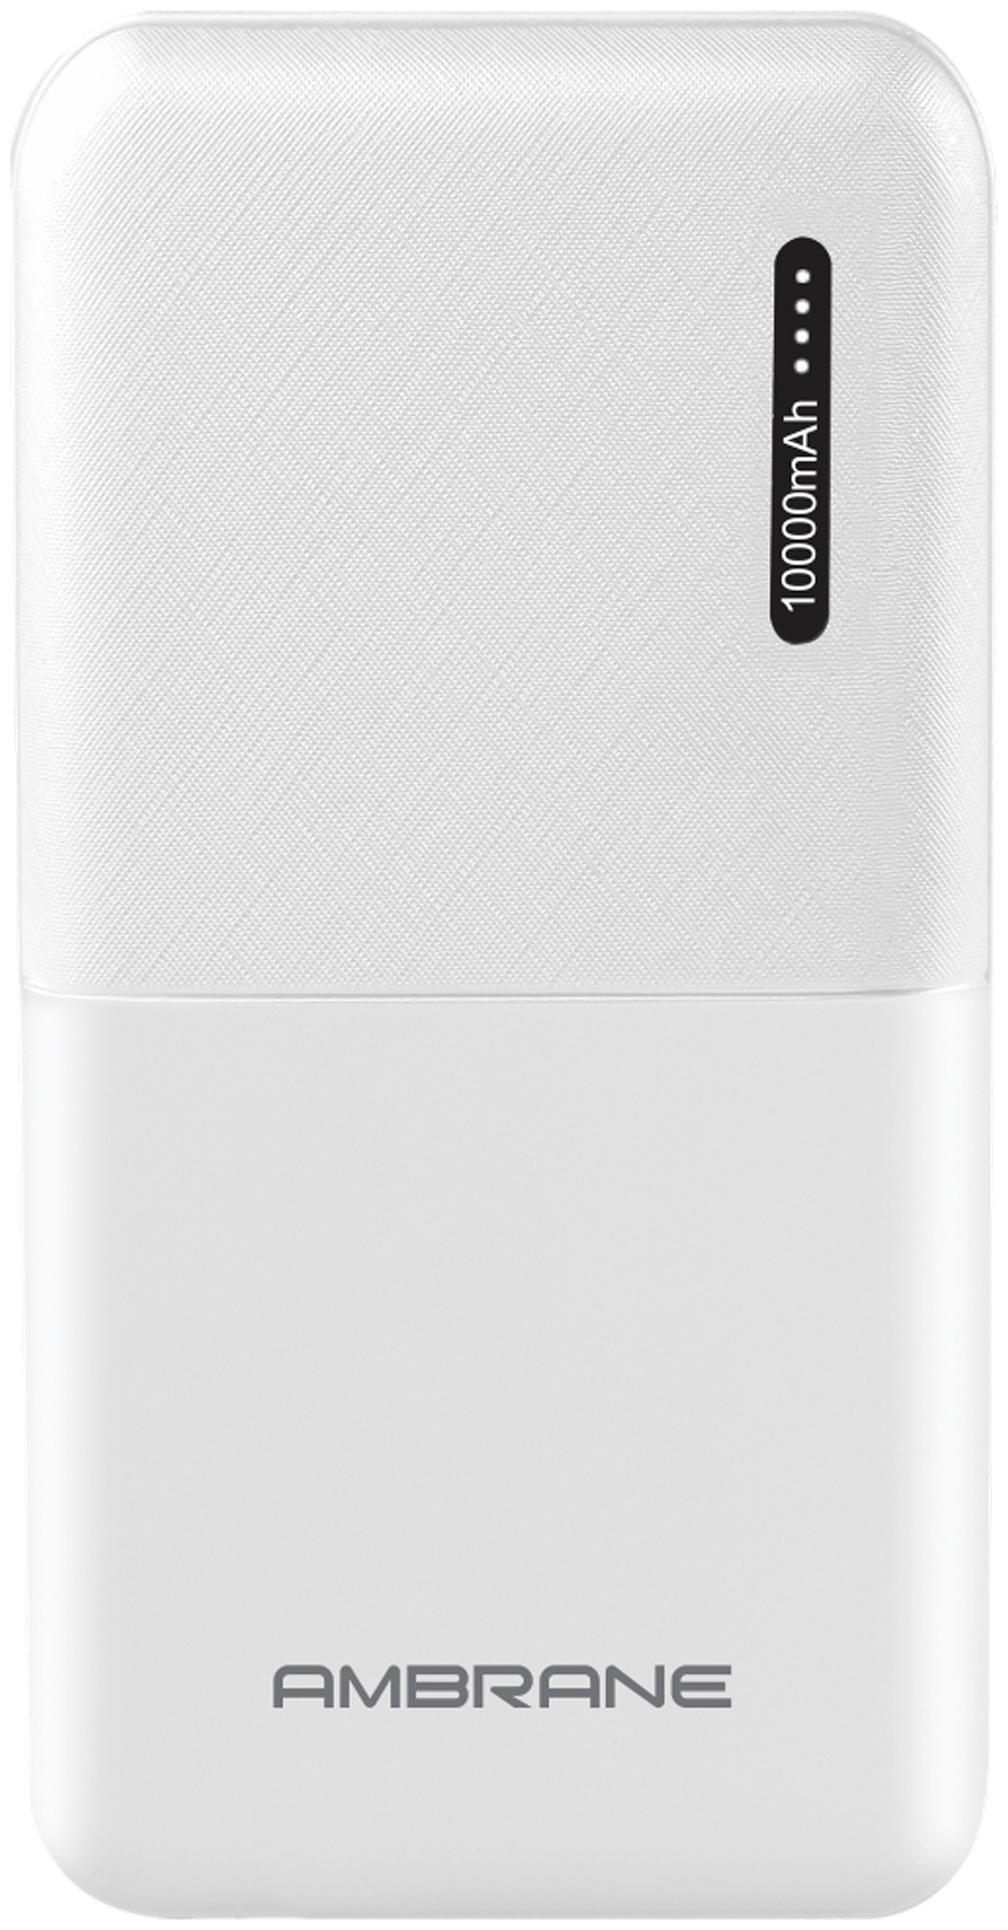 Ambrane PP 111 10000 mAh Portable Power Bank   White